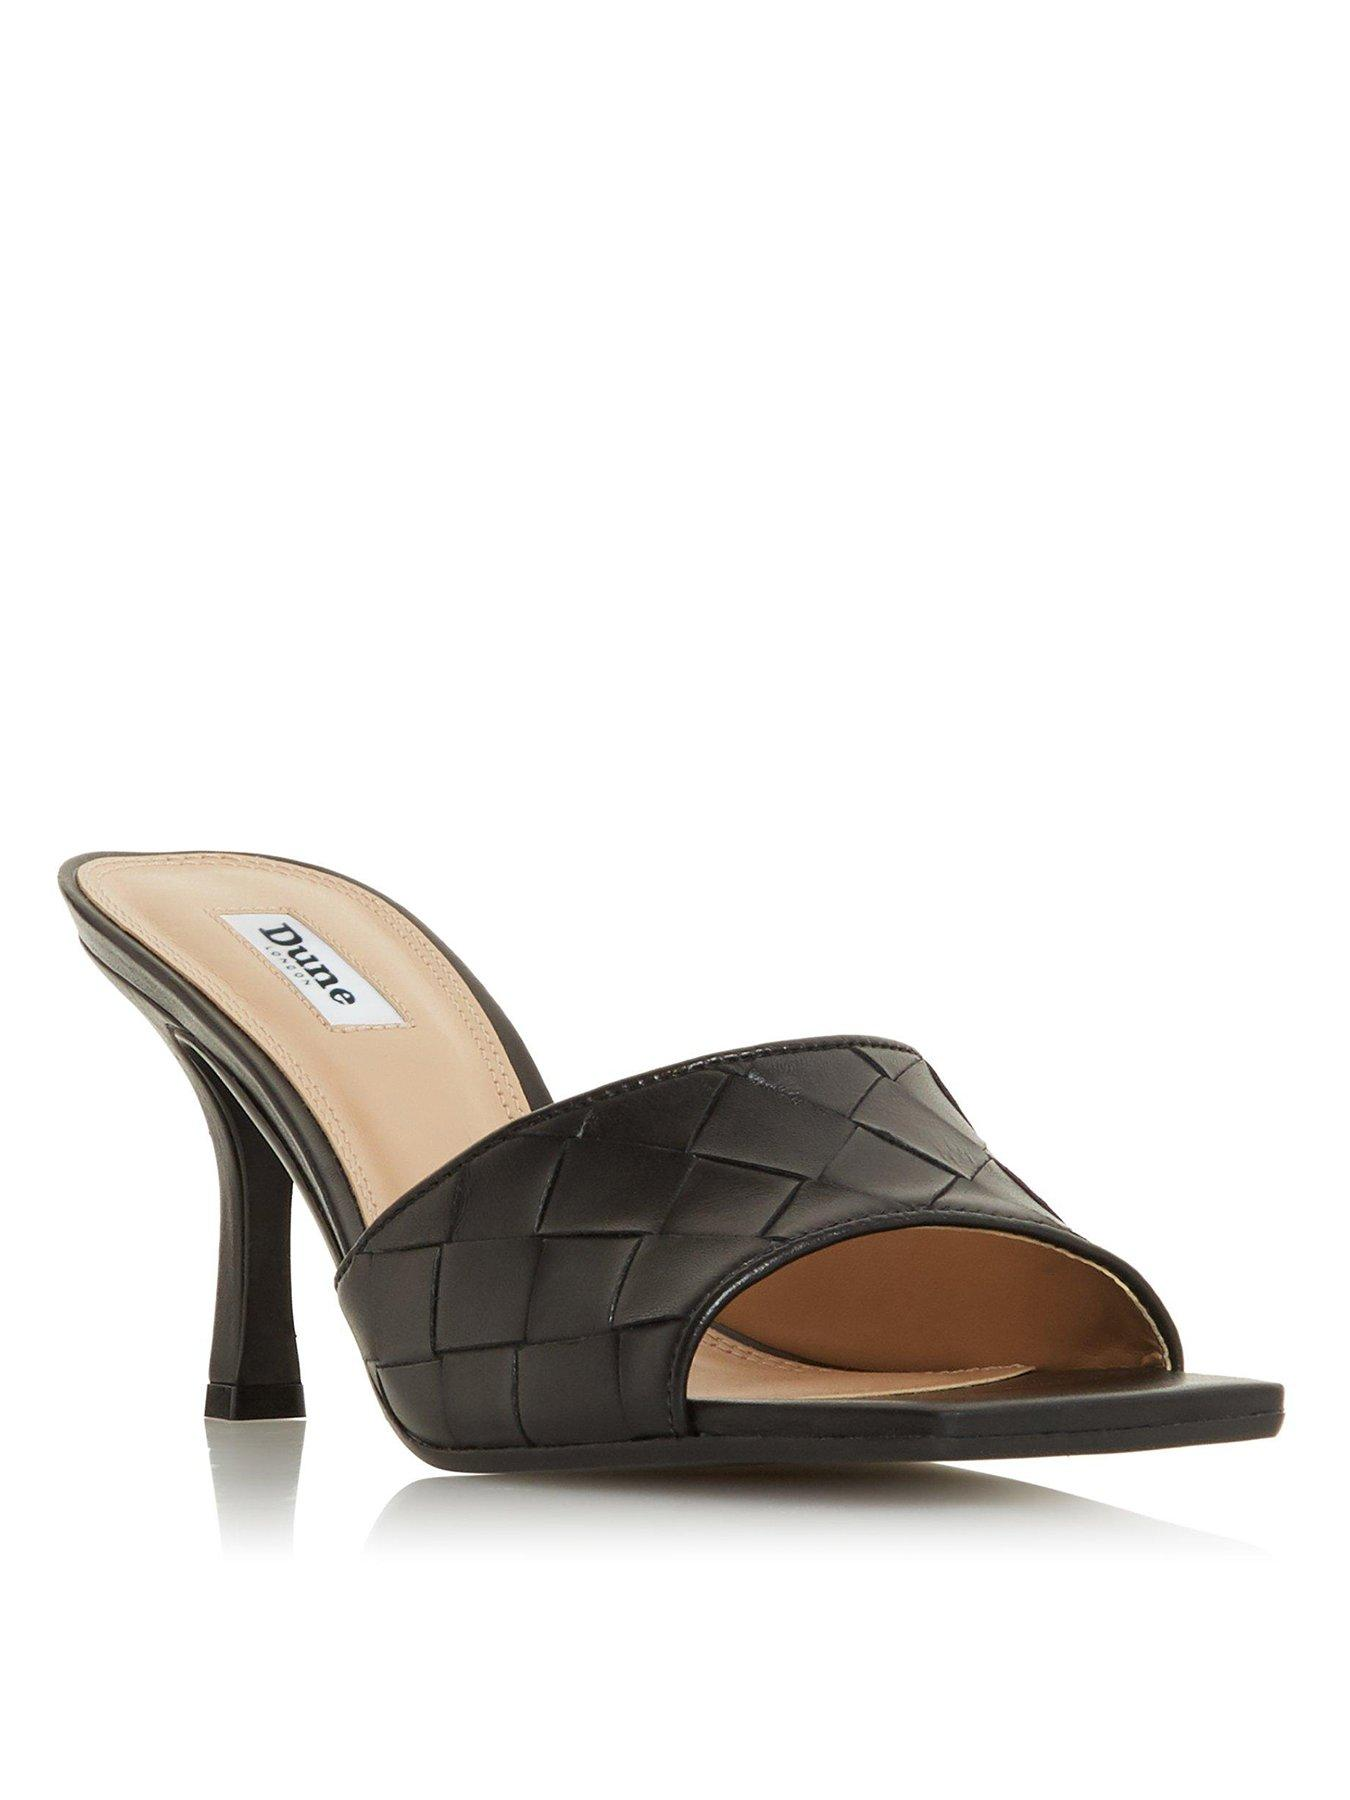 Dune london | Heels | Shoes \u0026 boots